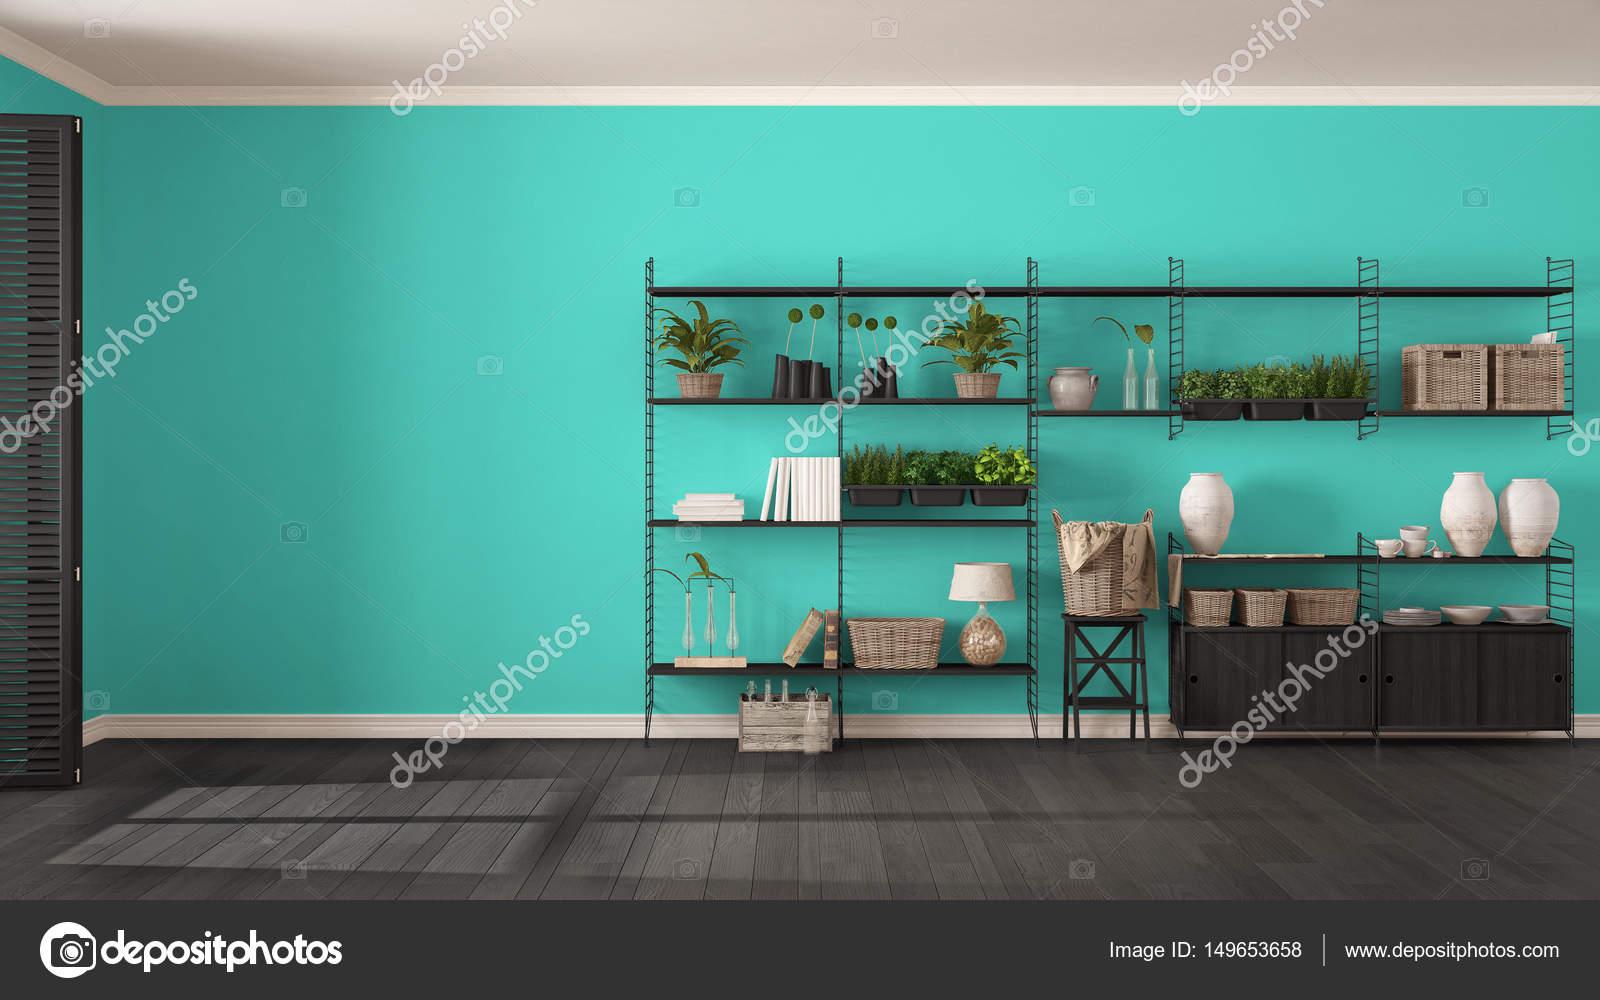 Eco gris et turquoise design d\'intérieur avec étagère en bois, di ...